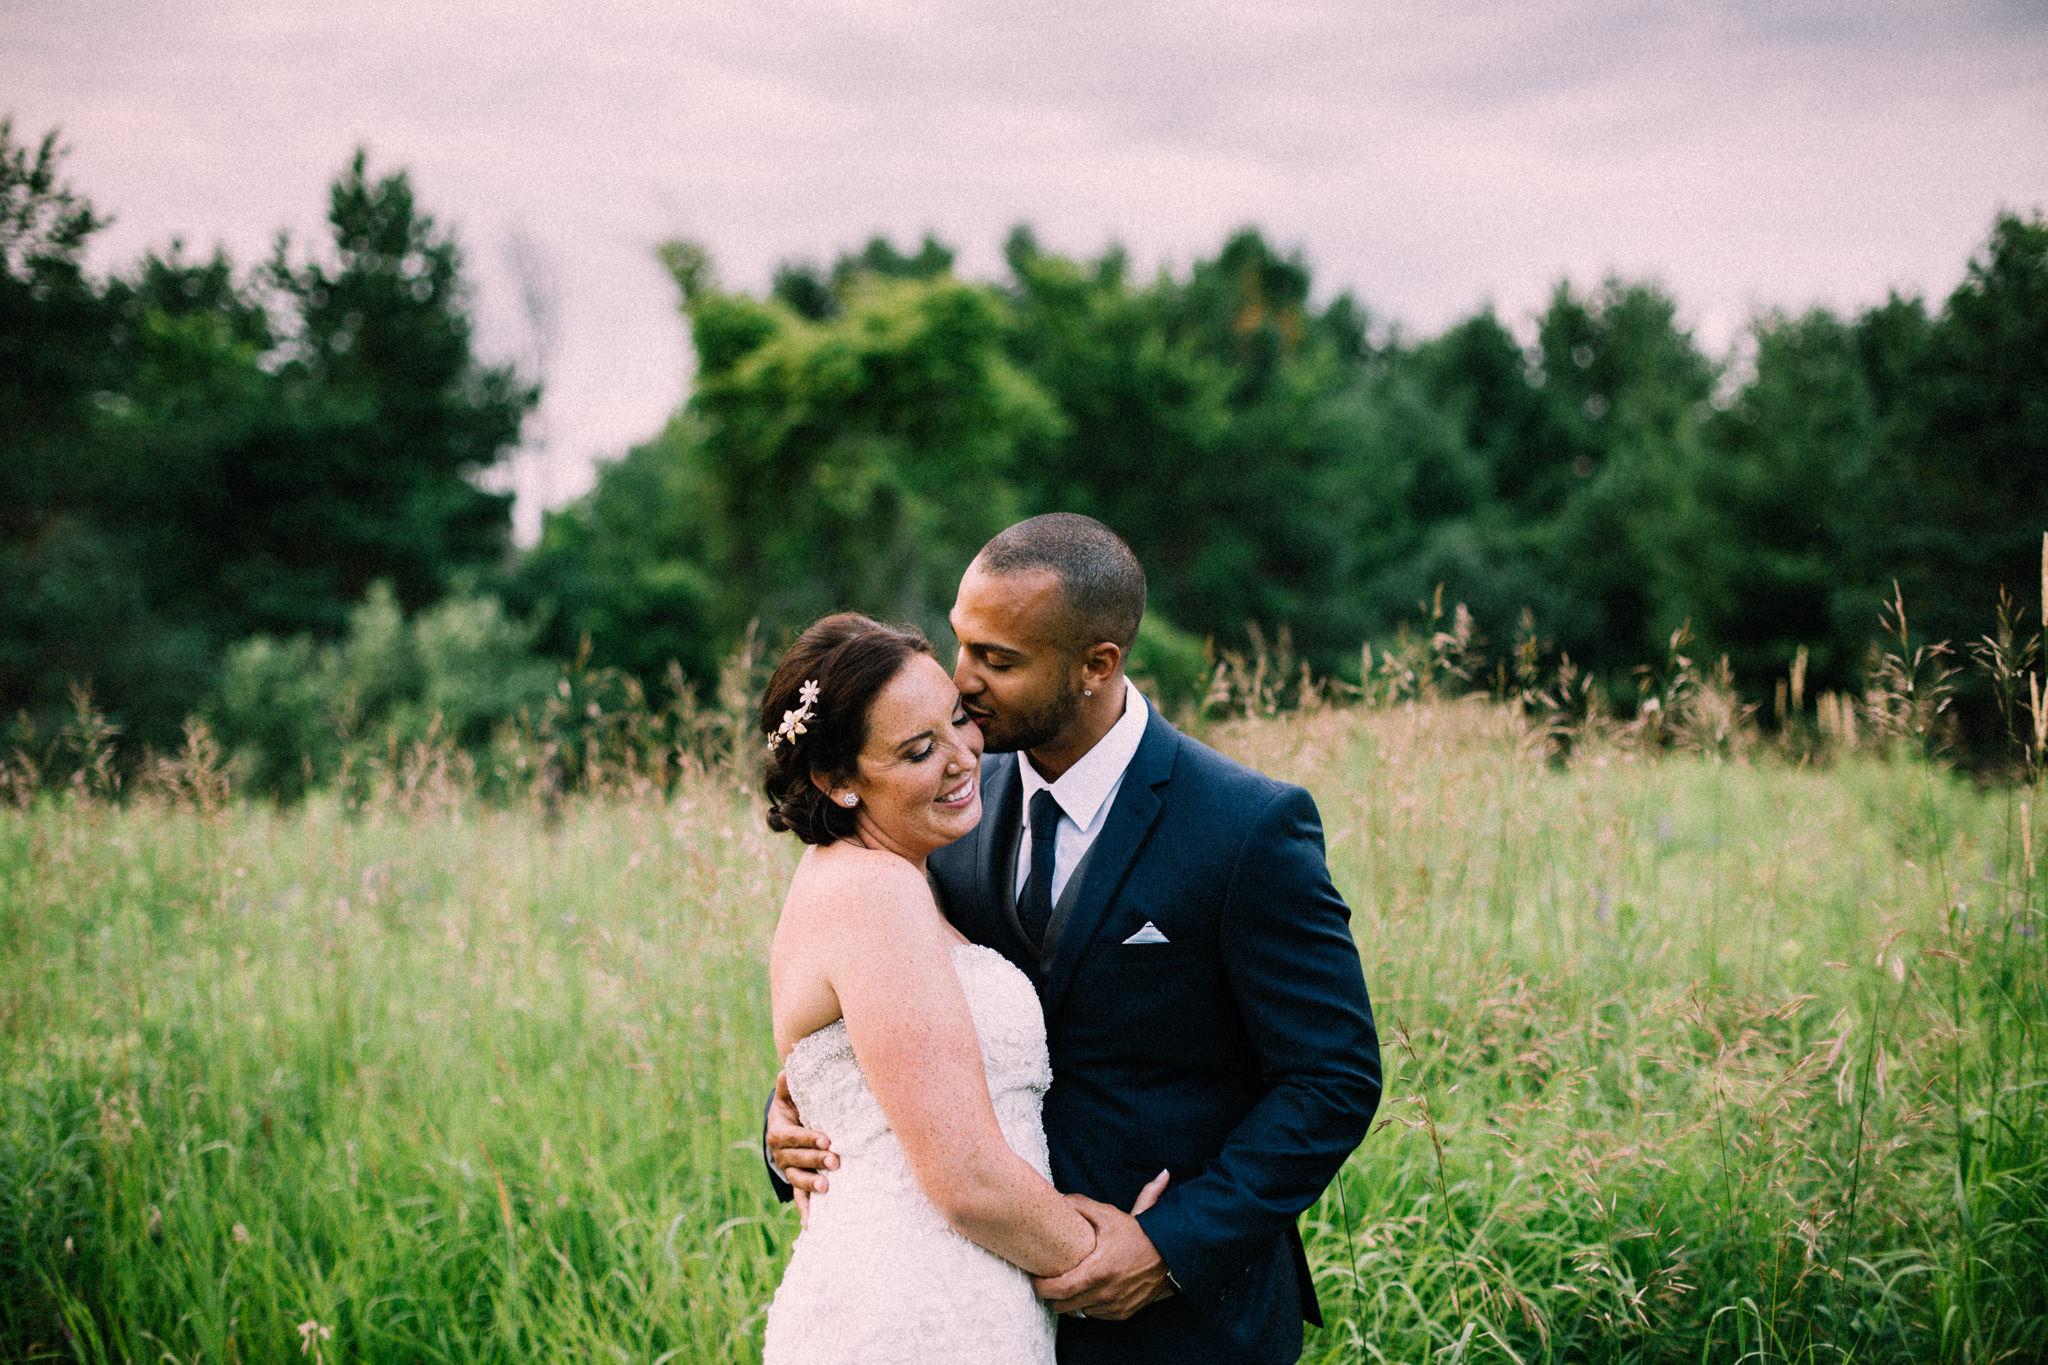 Orillia summer wedding at Northbrook Farms by Max Wong Photo (37)